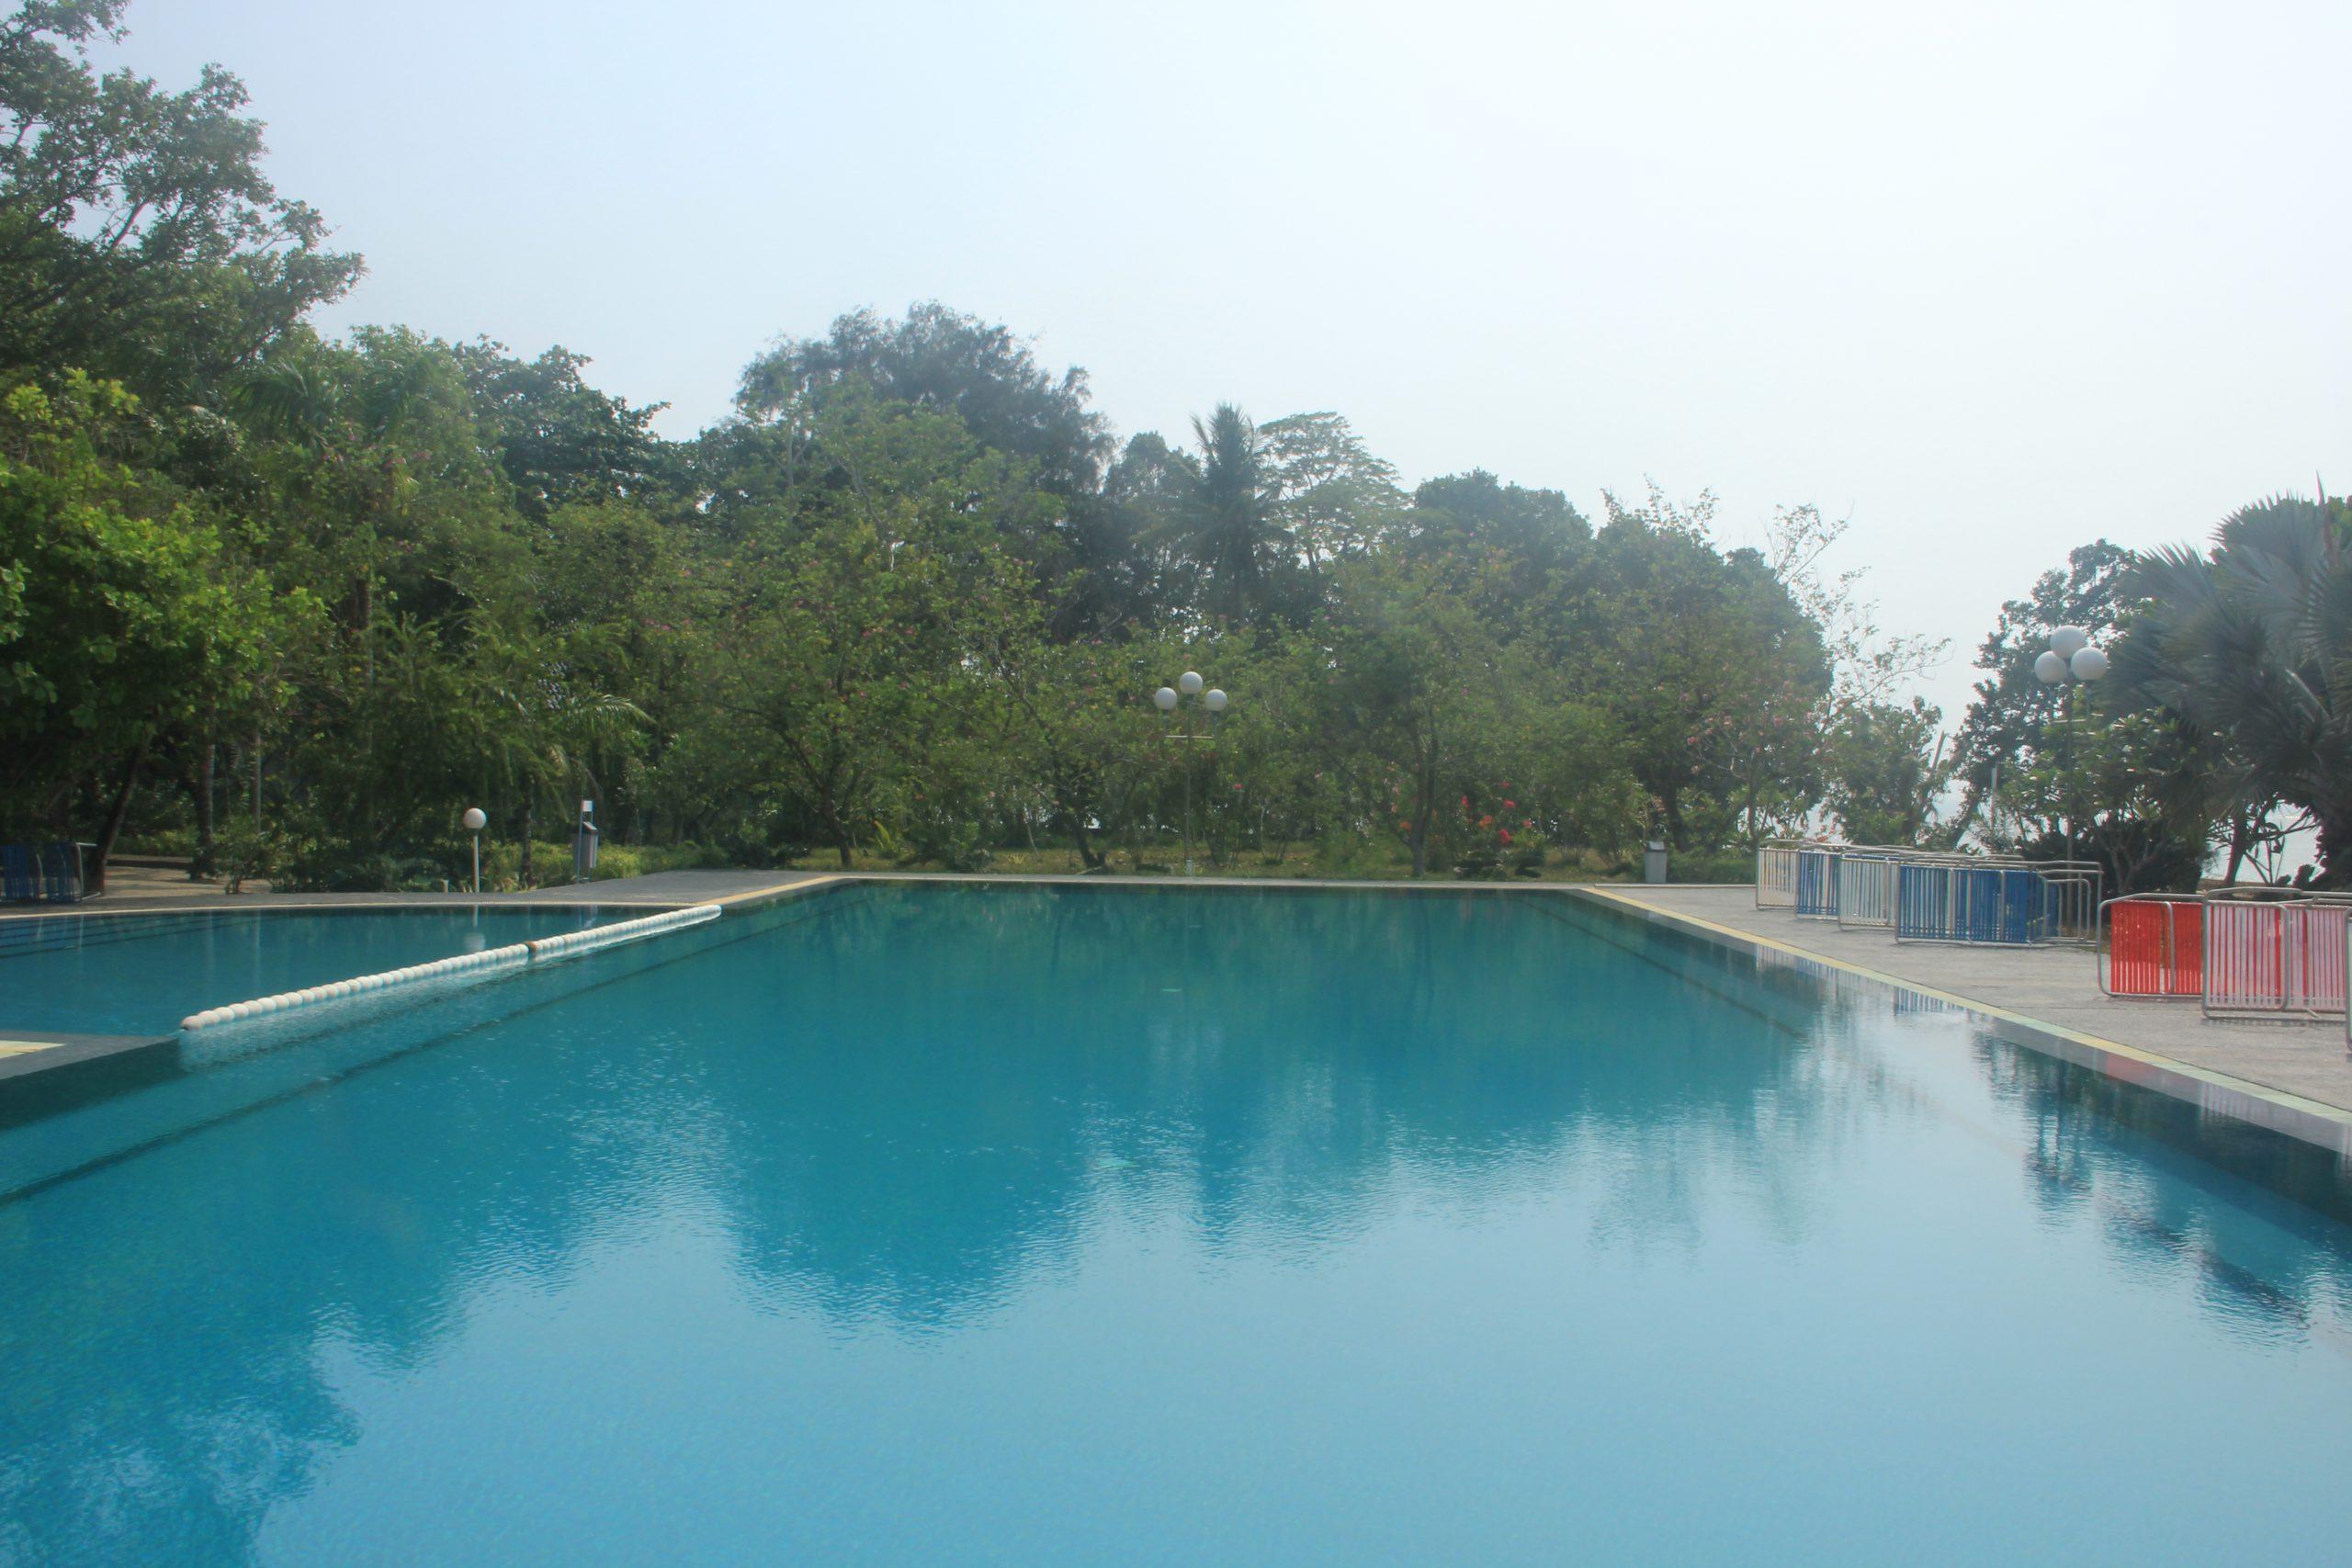 Pulau Putri merupakan satu-satunya pulau di Kepulauan Seribu yang memiliki kolam renang